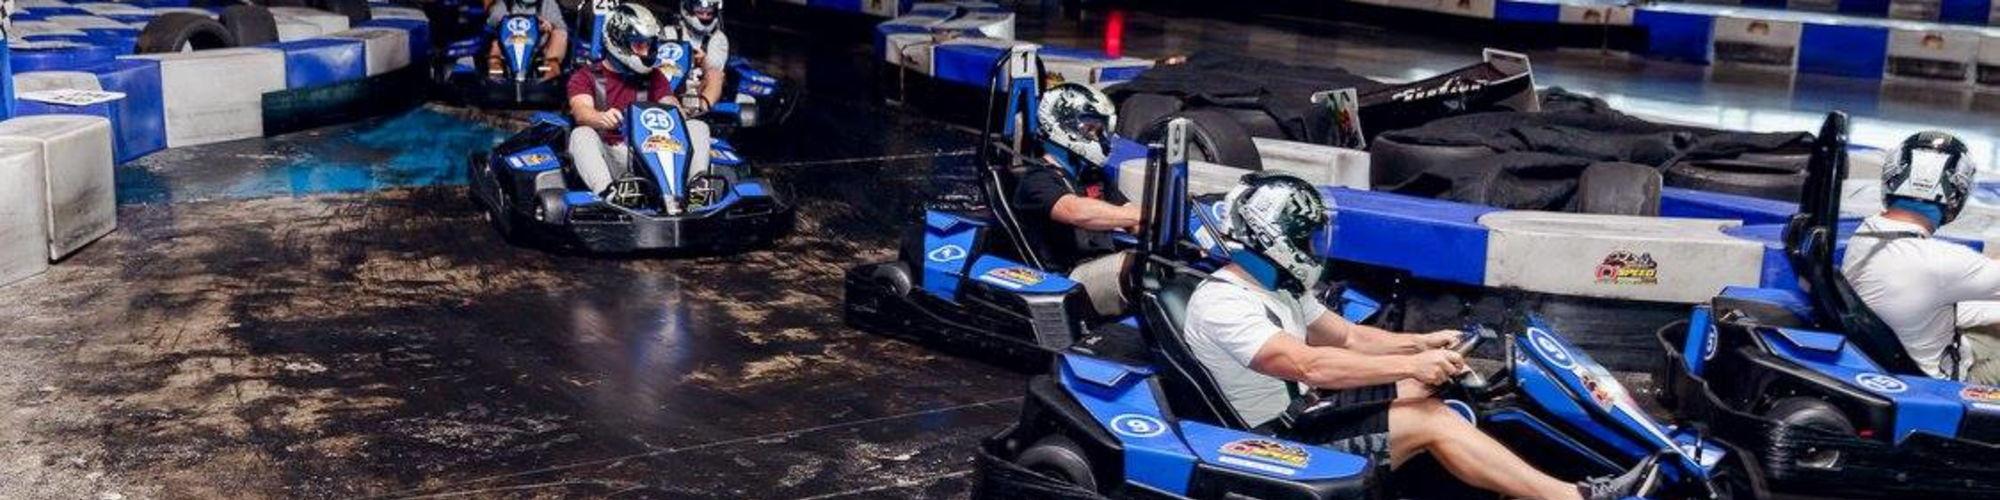 C1 Speed Indoor Karting